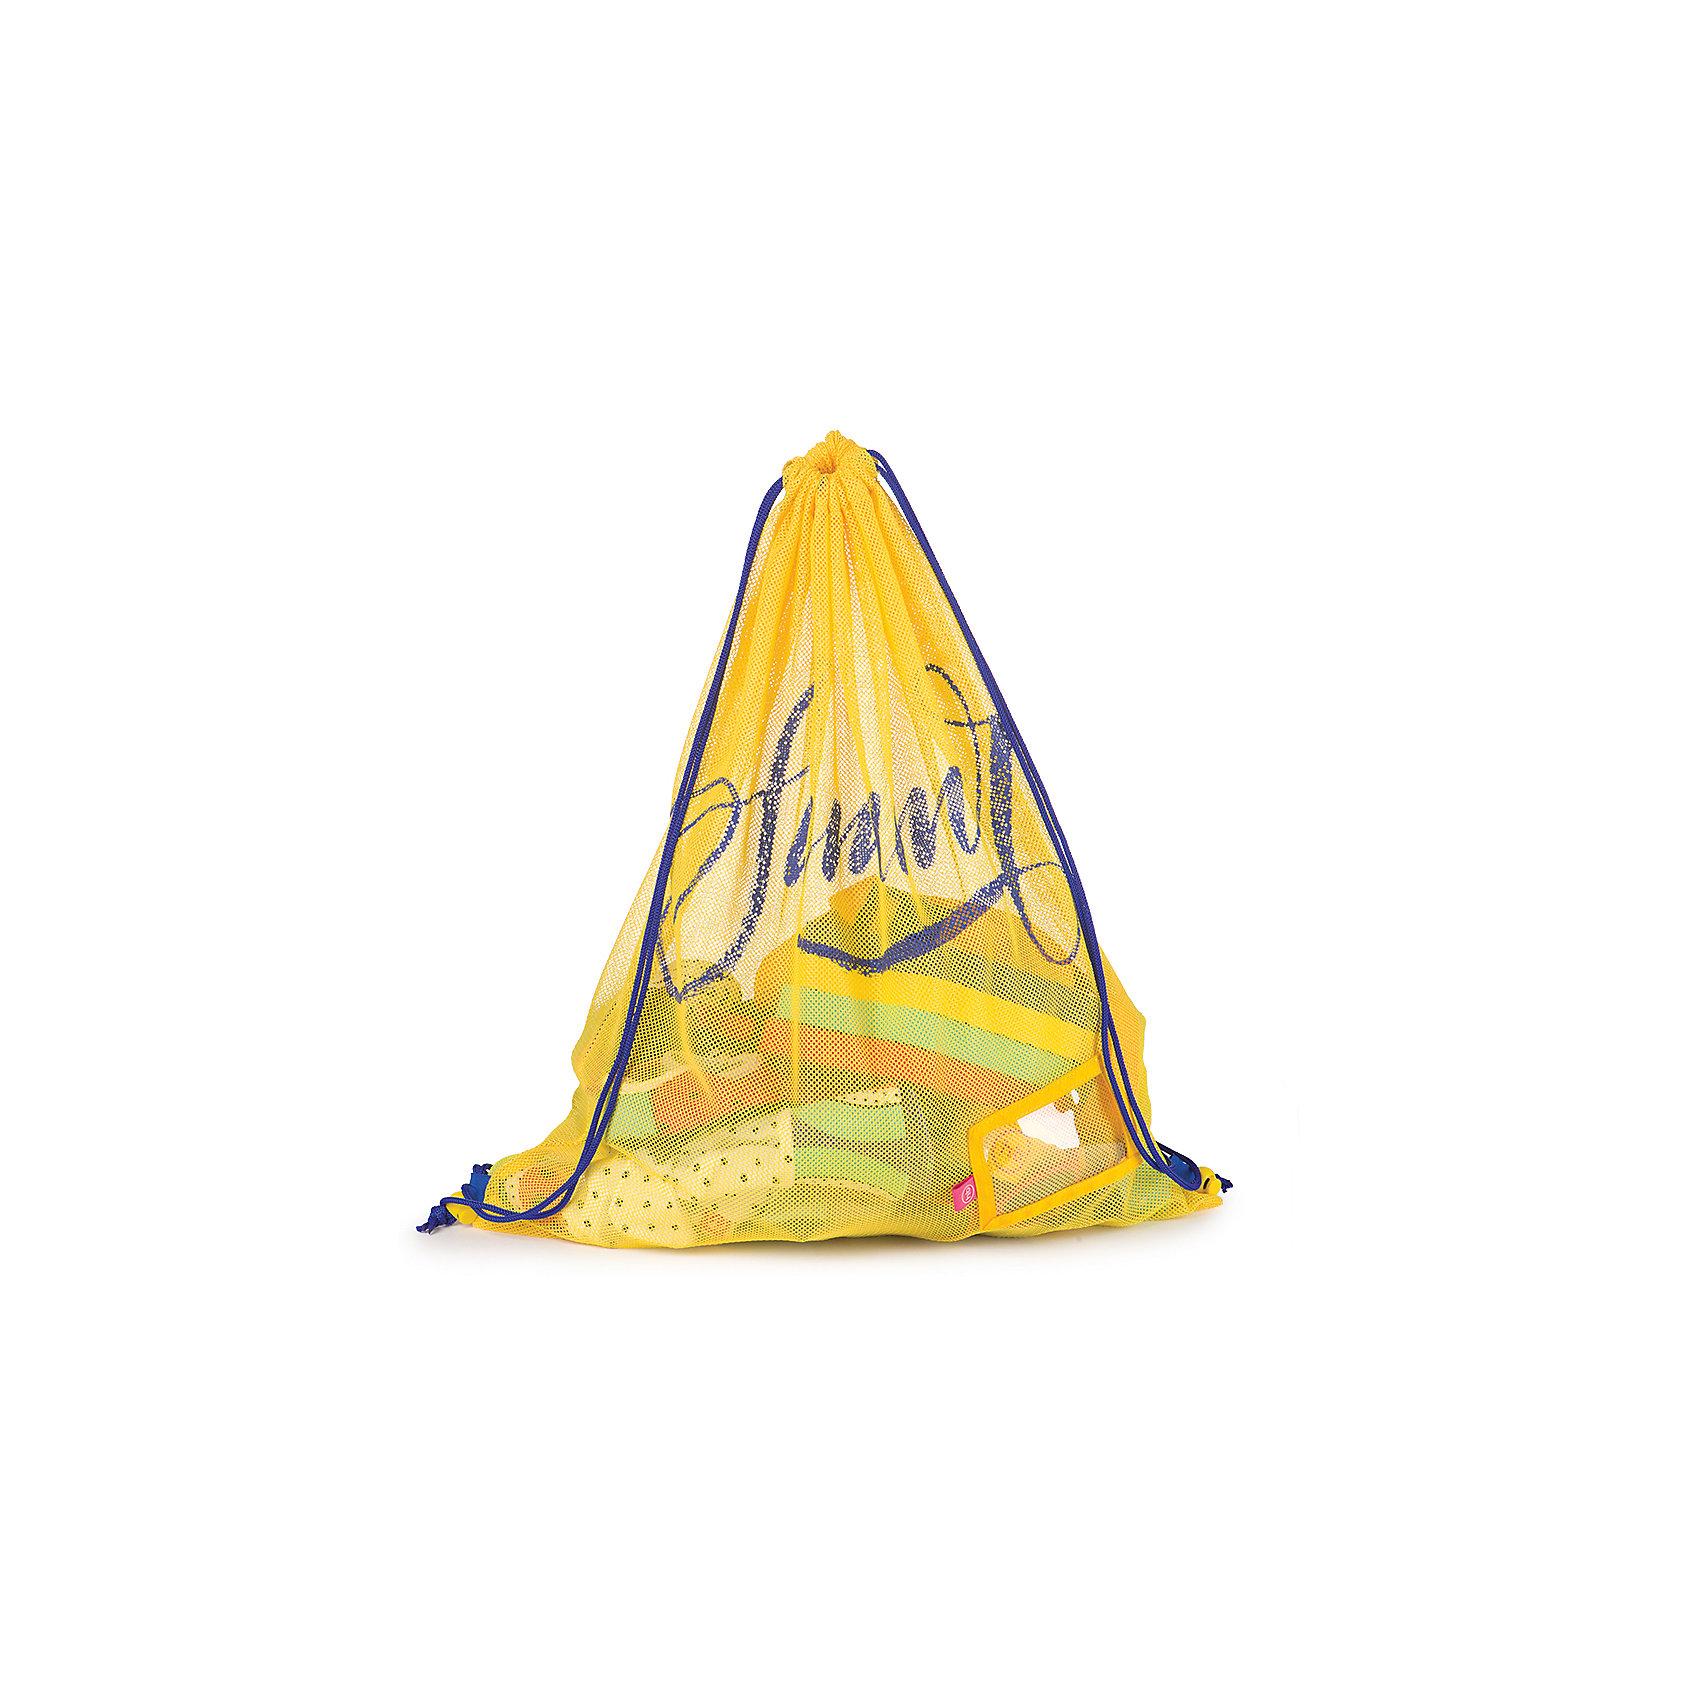 Сумка пляжная, Happy BabyАксессуары<br>Характеристики:<br><br>• сумка пляжная позволяет компактно складывать вещи для плавания и отдыха на пляже;<br>• верх сумки стягивается веревочками, которые можно использовать как лямки рюкзака и носить сумку на плечах;<br>• материал: полиэстер;<br>• размер упаковки: 27,5х22х3,5 см;<br>• вес: 114 г.<br><br>Летнее время – пора отпусков, походов на пляж и полноценного отдыха. Пляжная сумка для аксессуаров носится как маленький рюкзачок, способна вмесить самые необходимые вещи для плавания. <br><br>Сумку пляжную, Happy Baby можно купить в нашем интернет-магазине.<br><br>Ширина мм: 35<br>Глубина мм: 220<br>Высота мм: 275<br>Вес г: 114<br>Возраст от месяцев: 36<br>Возраст до месяцев: 2147483647<br>Пол: Унисекс<br>Возраст: Детский<br>SKU: 6679329